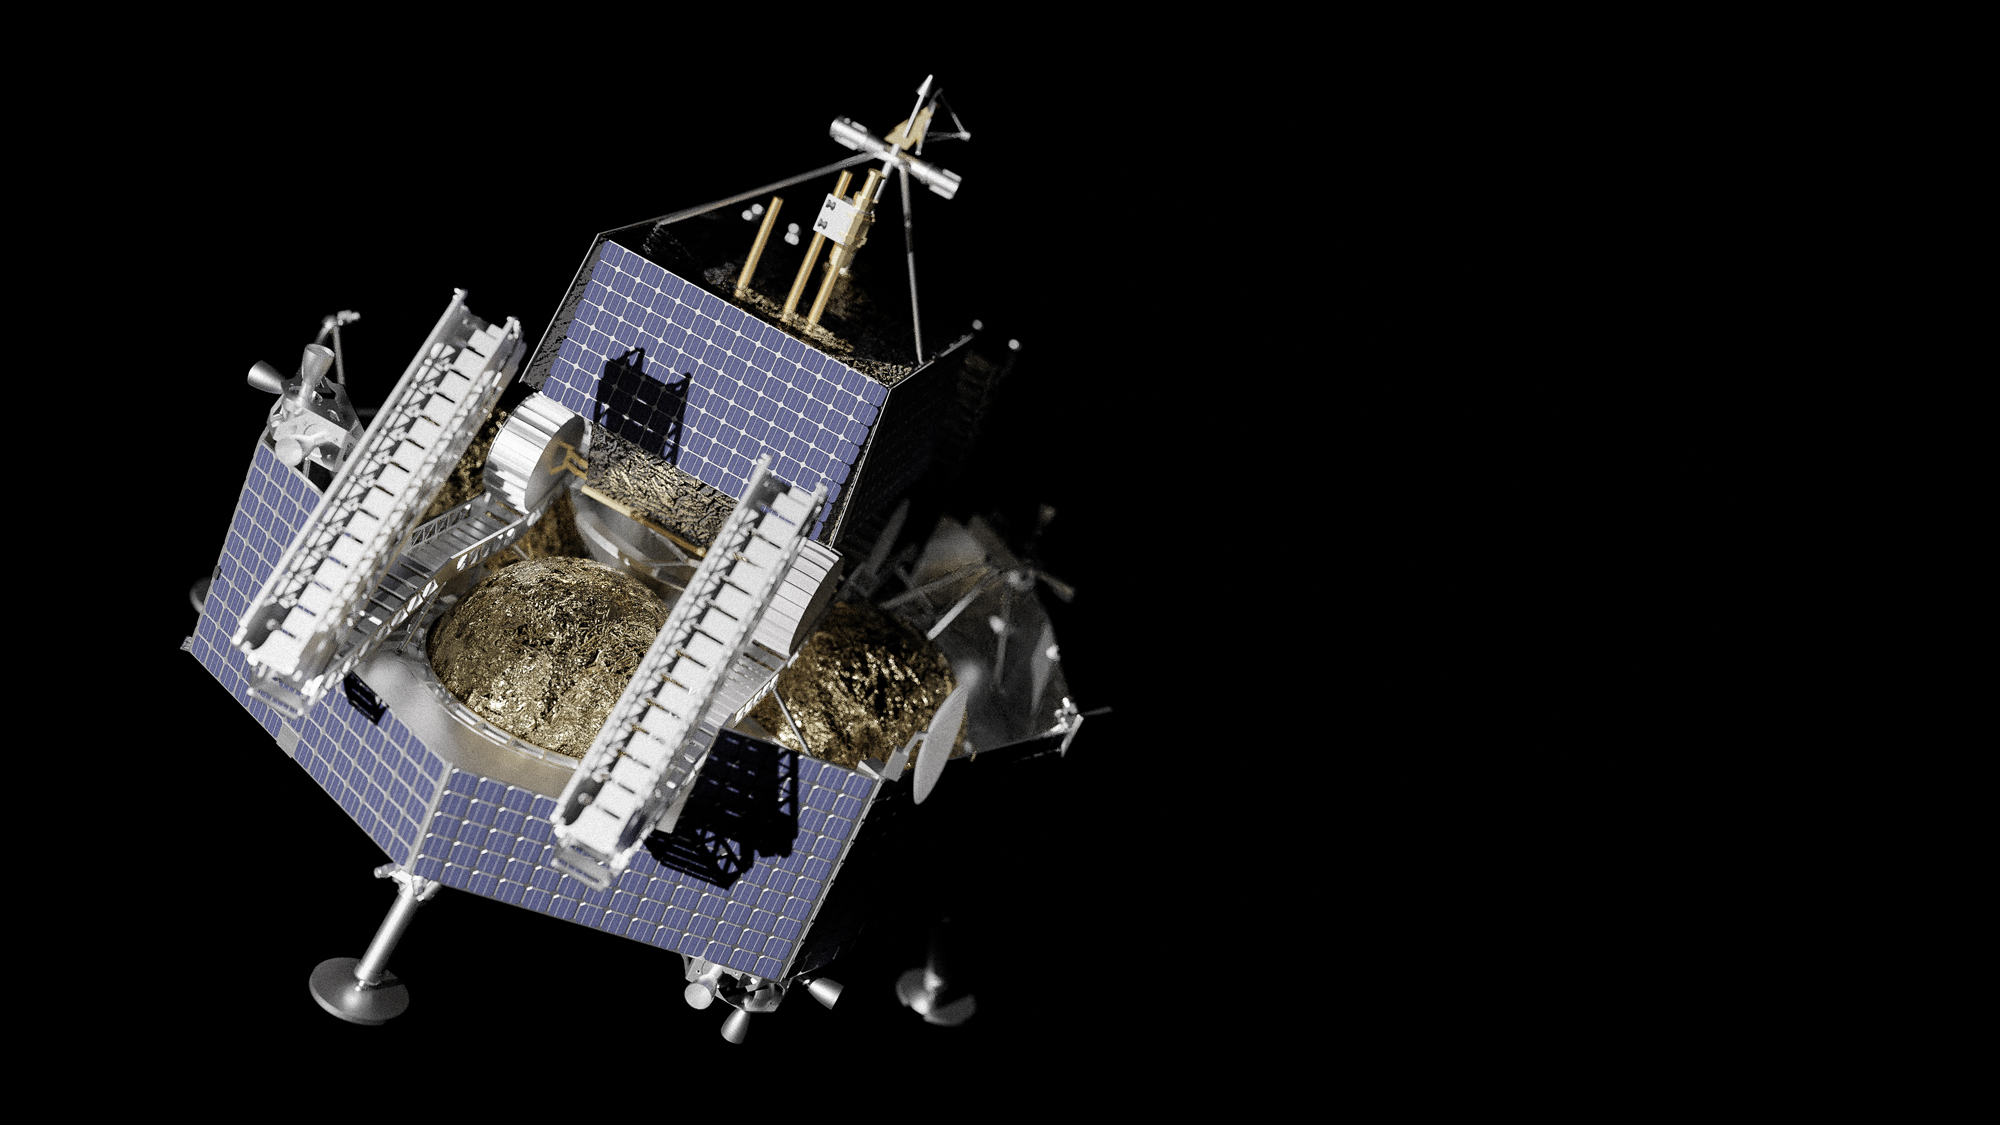 Le rover lunaire VIPER de la NASA pour la chasse sur glace montera sur la lune un atterrisseur astrobotique Griffin commercial sur la lune en 2023.